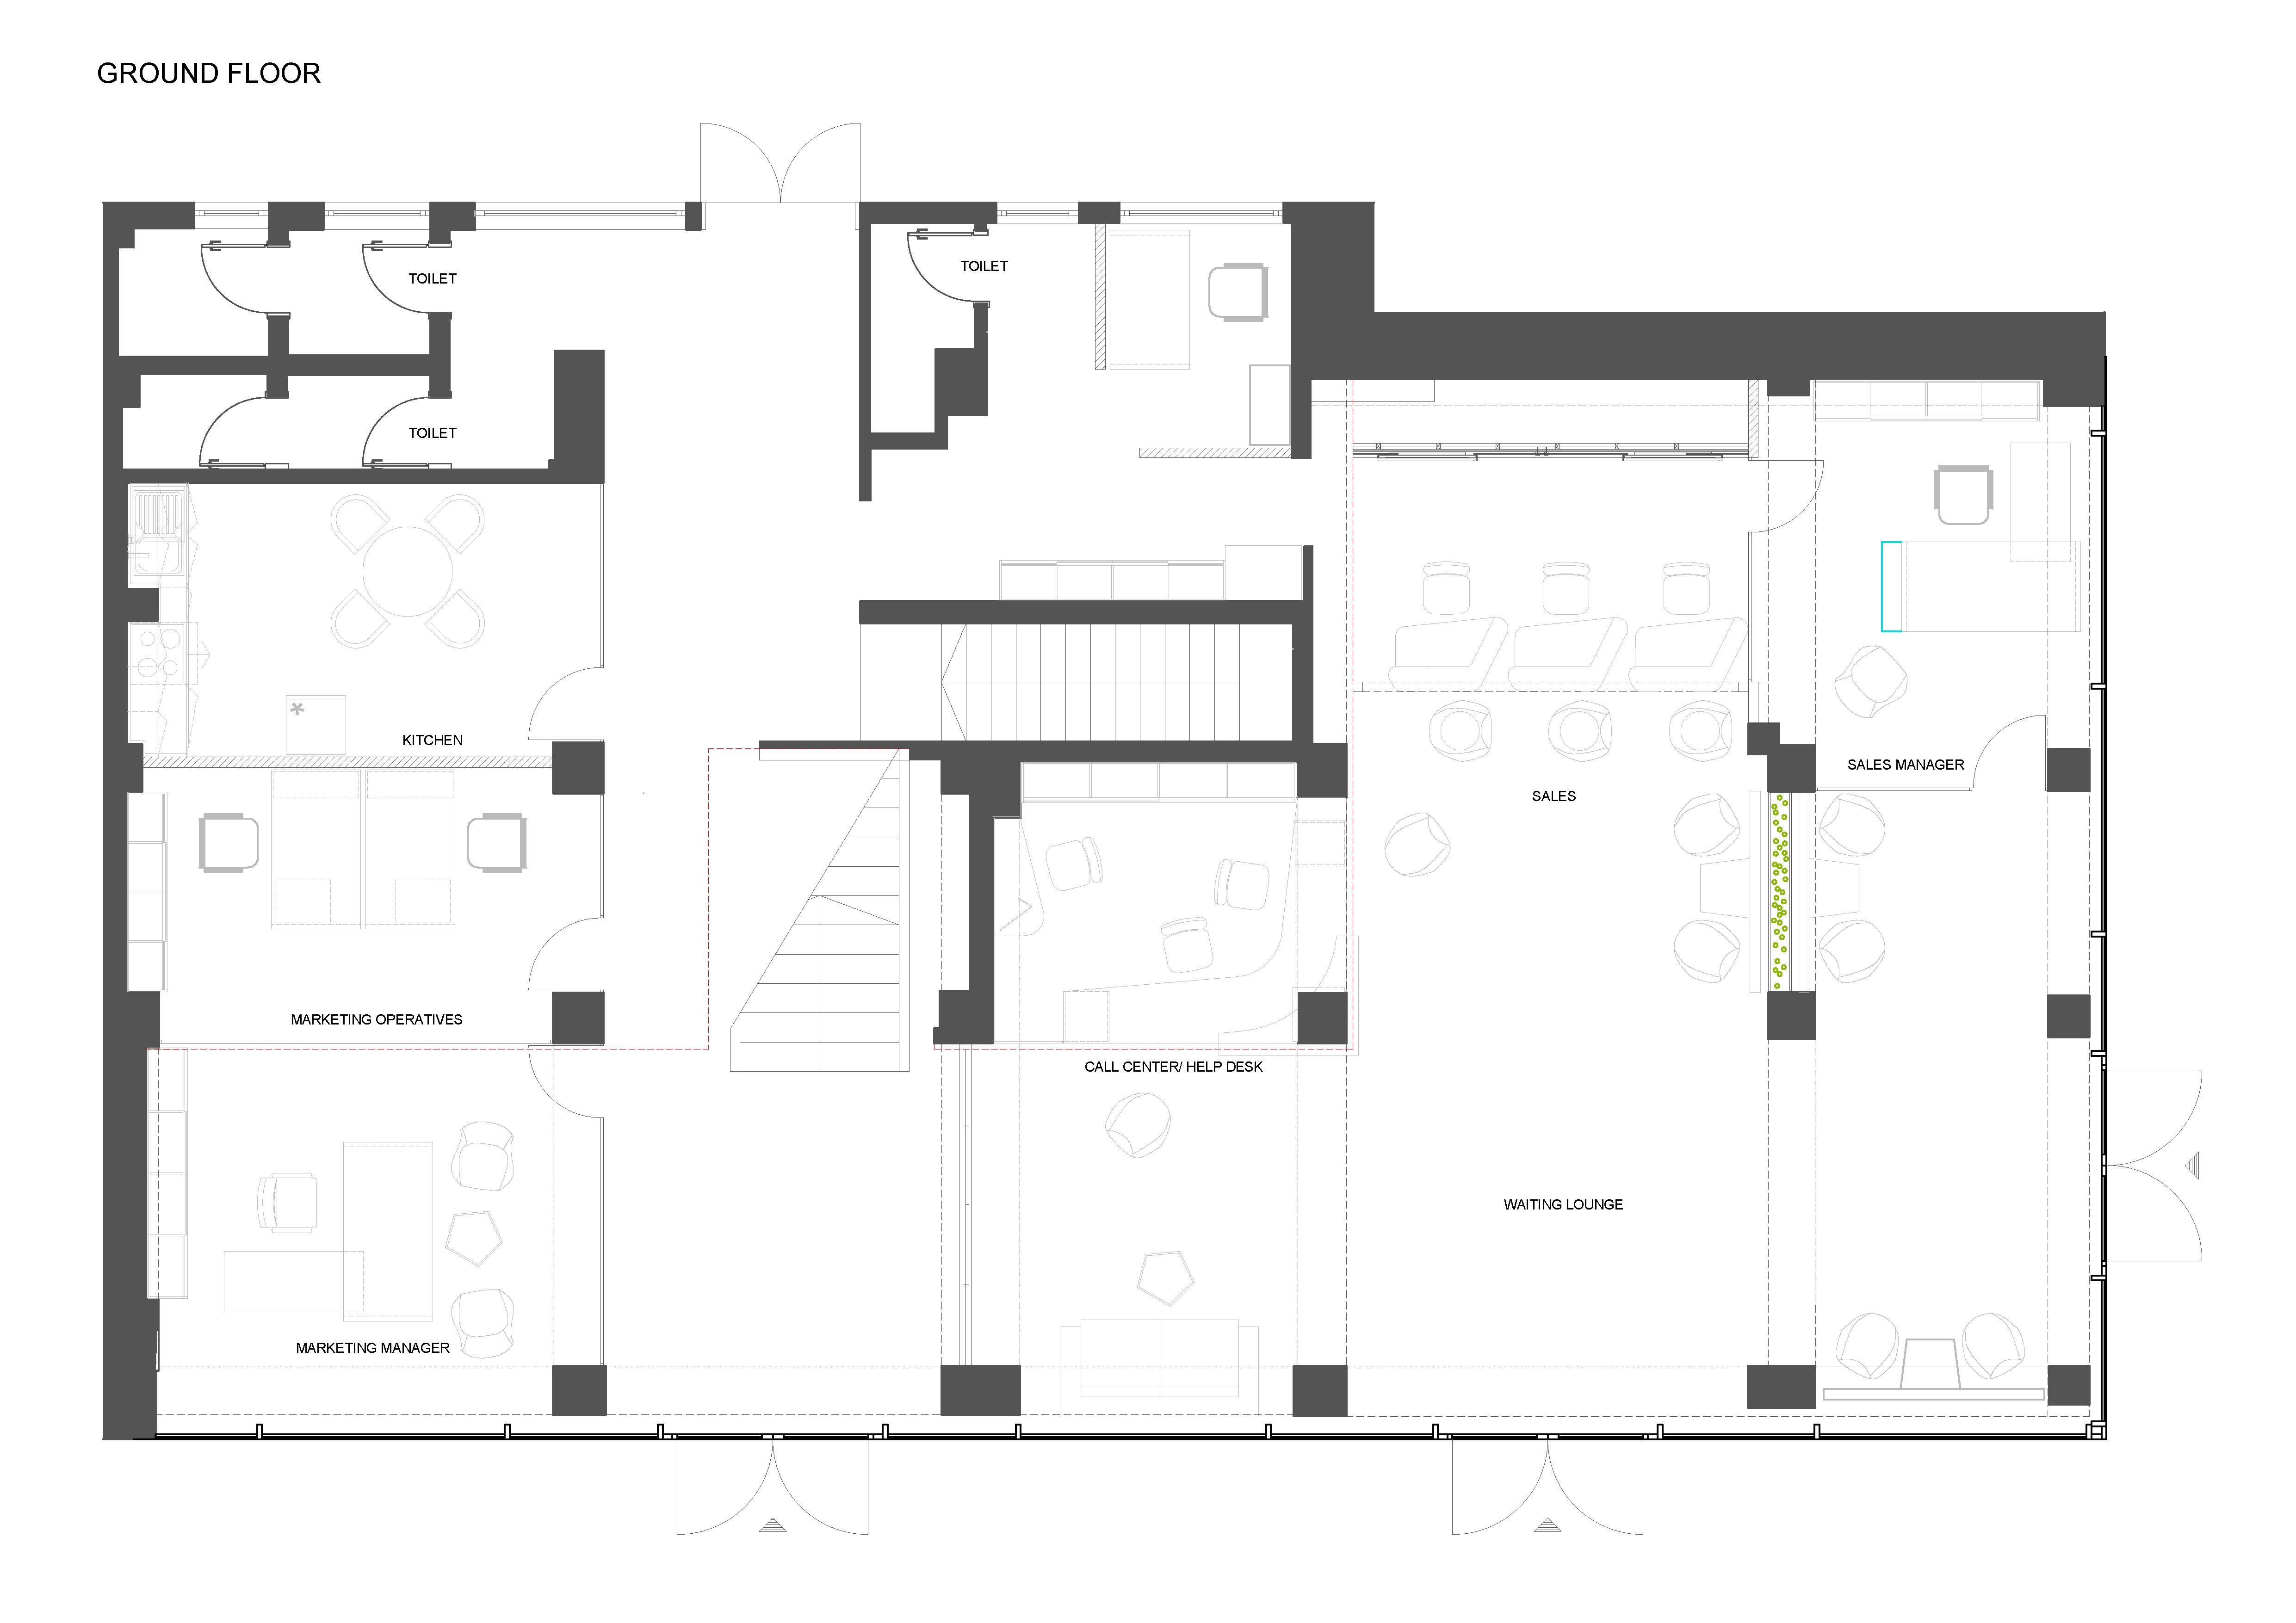 ta-ground-floor